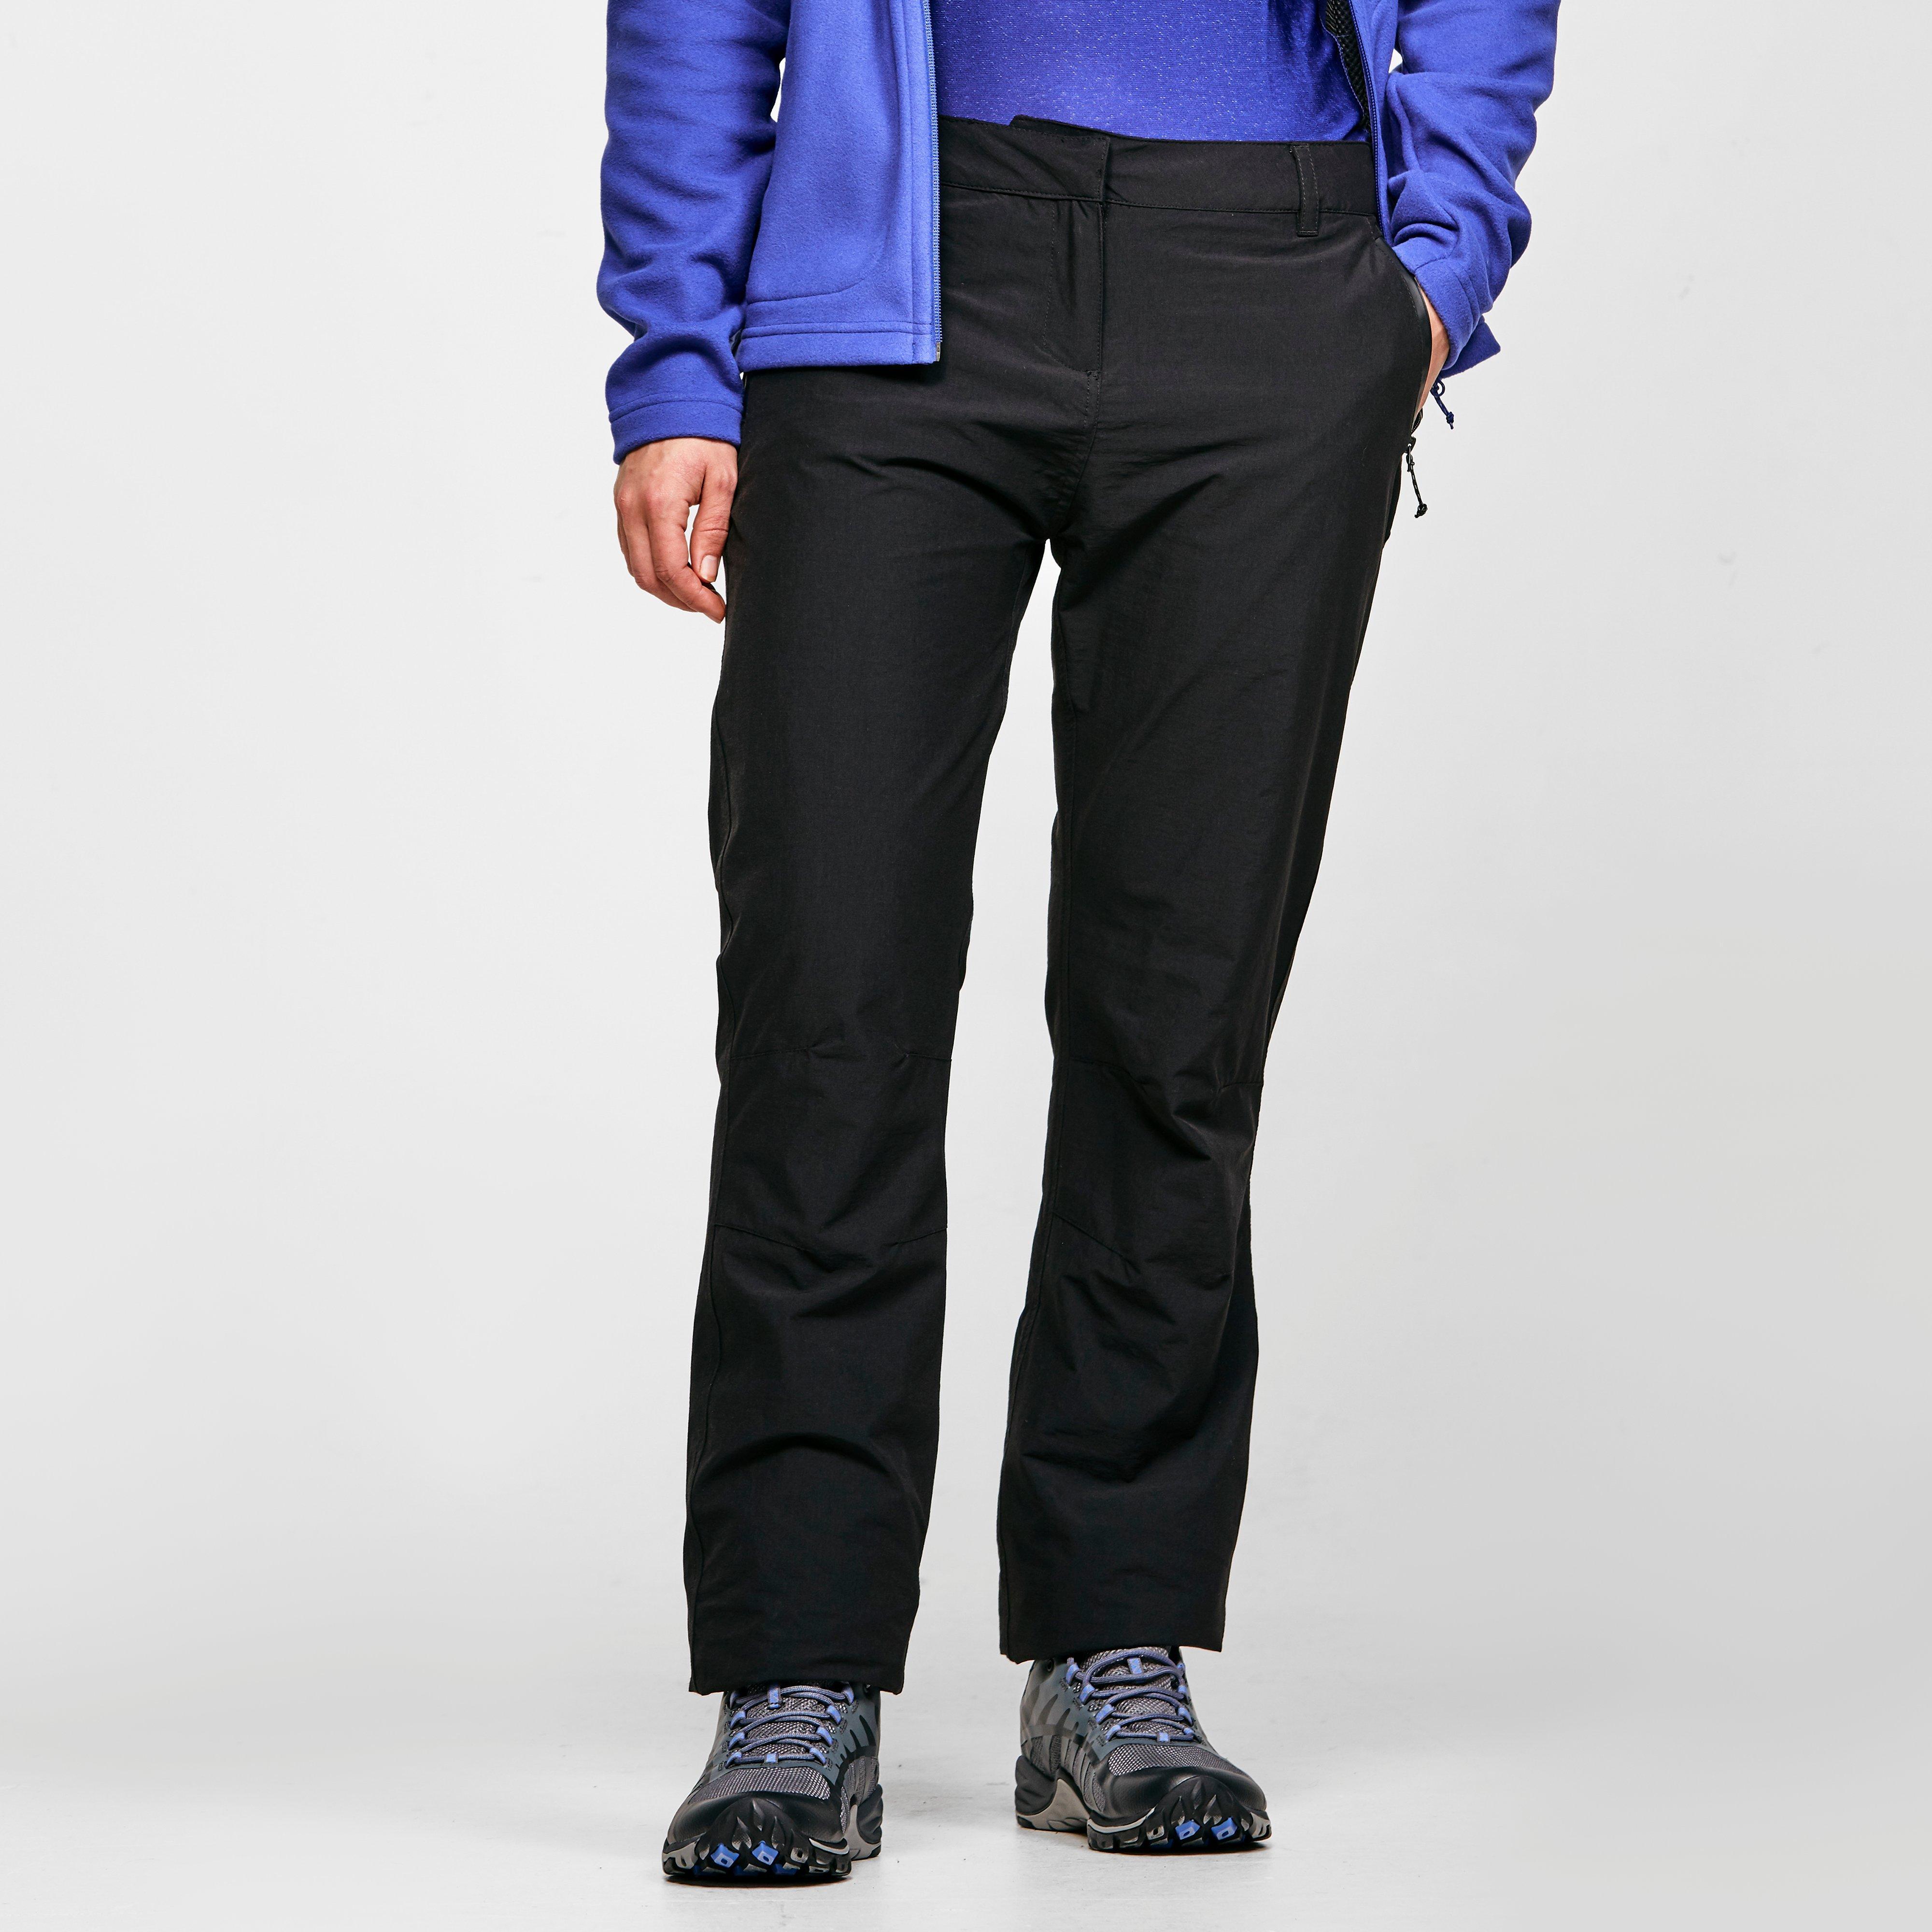 Craghoppers Women's Kiwi Pro Waterproof Trousers - Black, Black